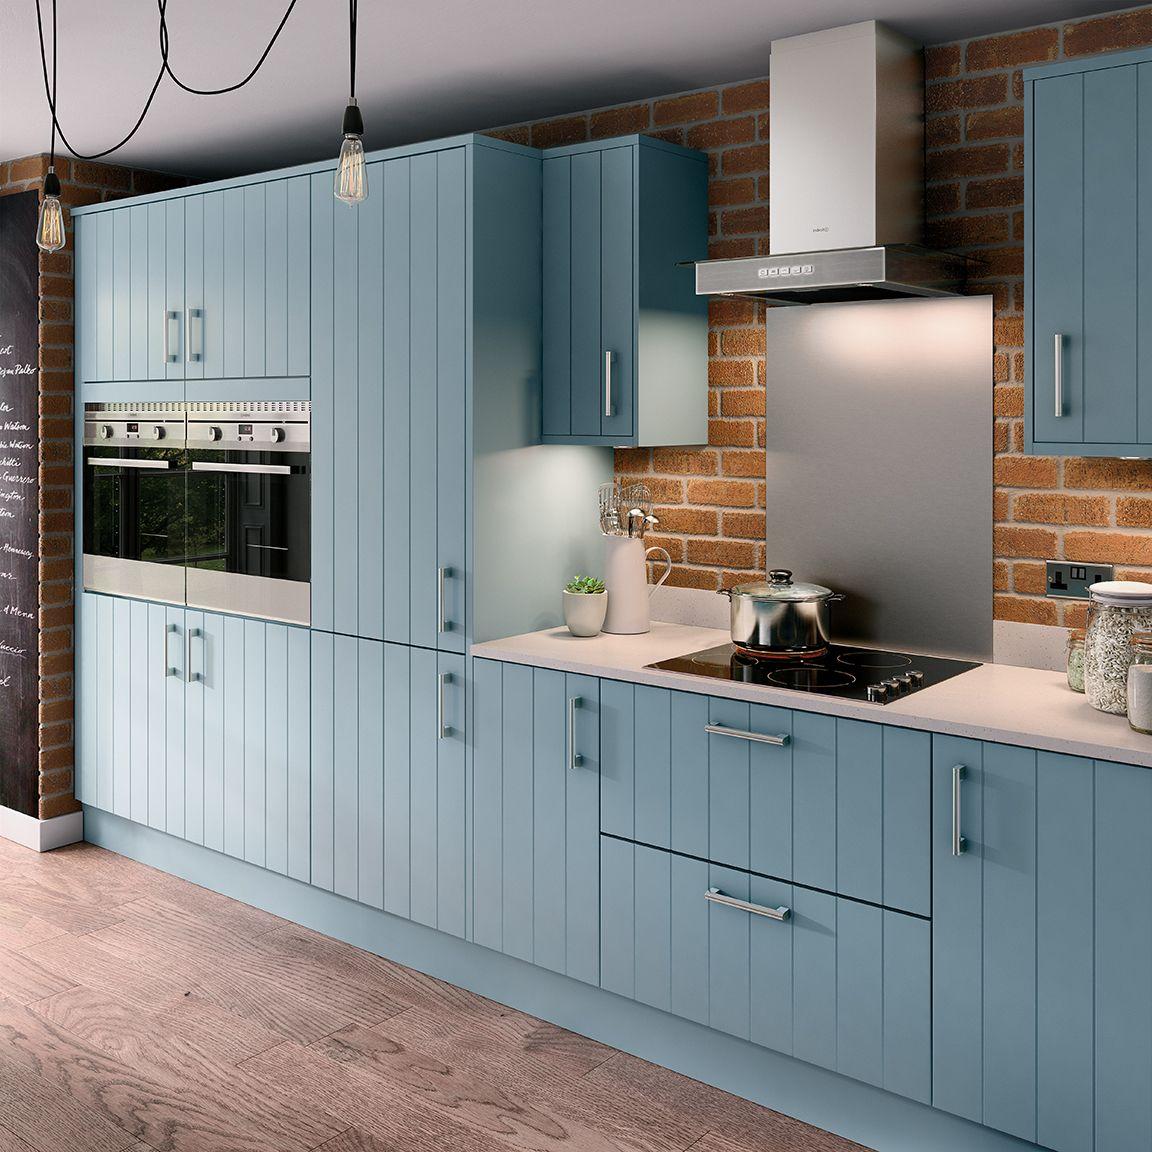 Simpy Hygena Turnham Kitchen Design your kitchen, Modern